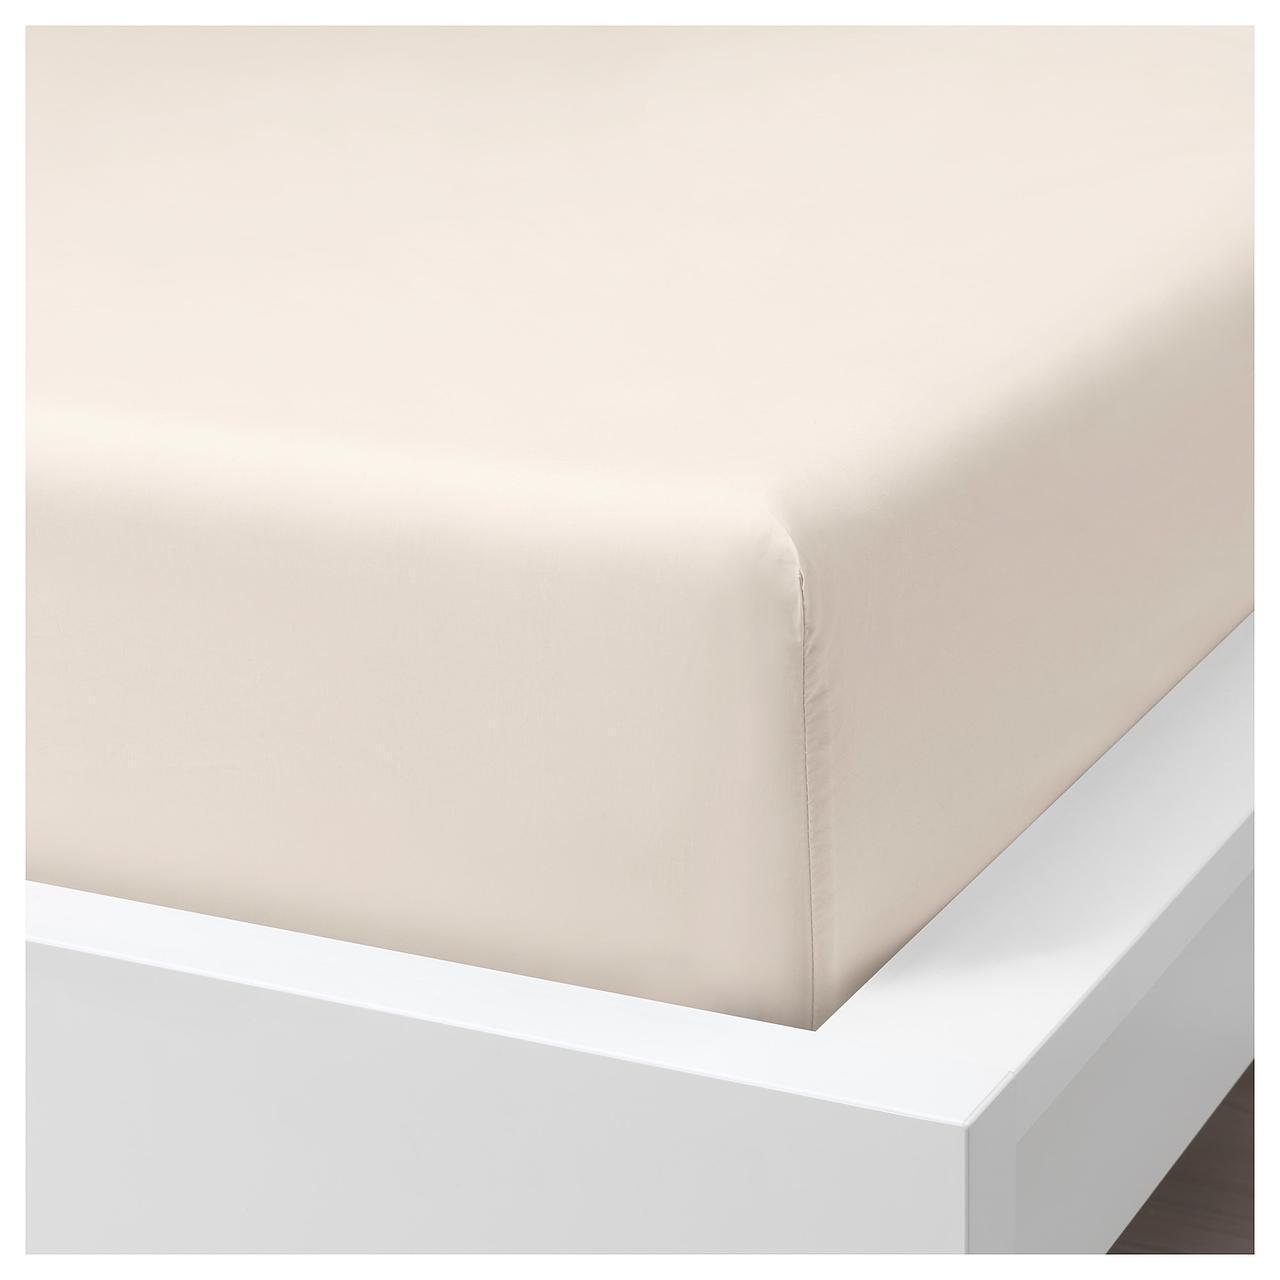 Простыня IKEA SÖMNTUTA 140х200 см на резинке светло-бежевая 804.127.85